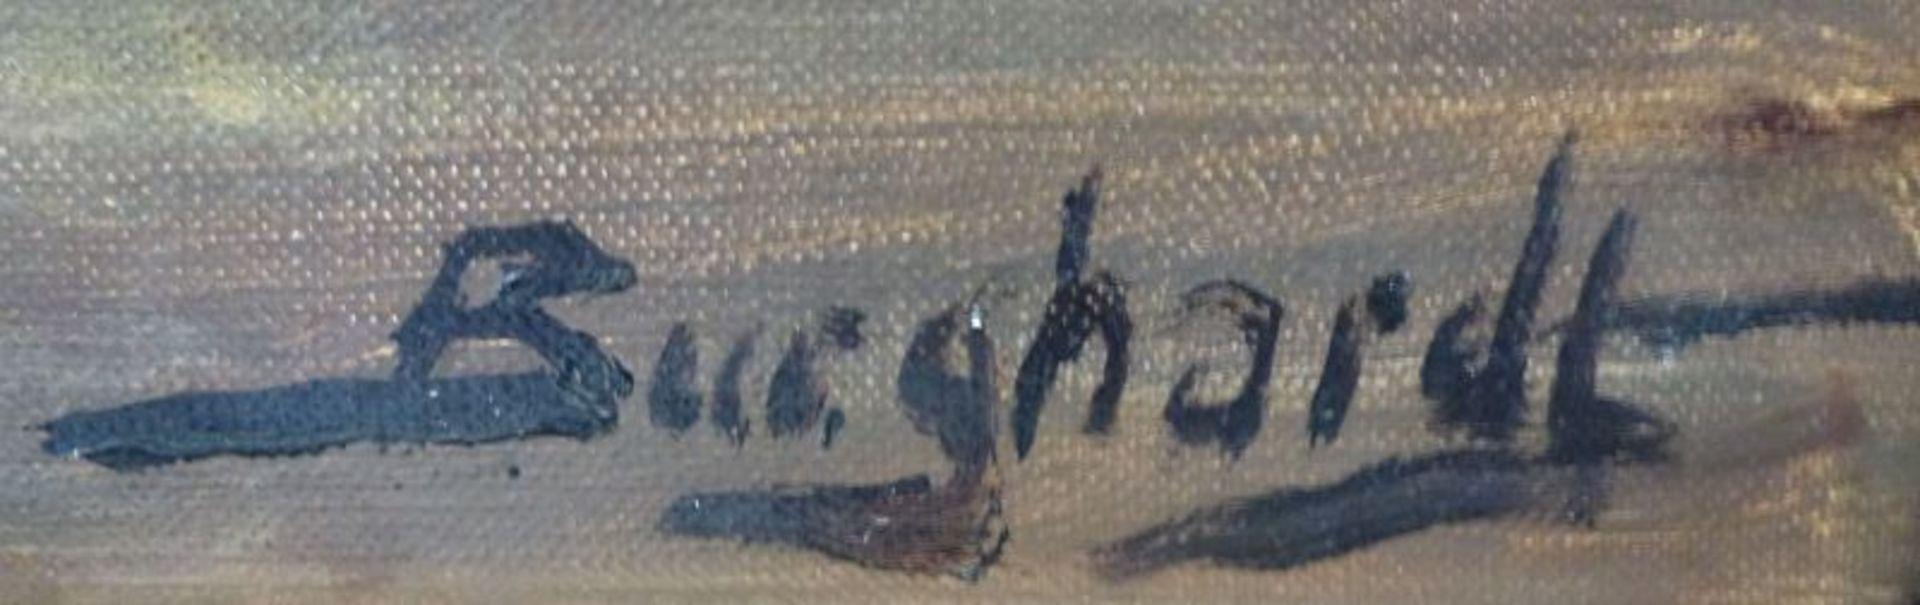 """""""Meldorfer Bucht""""Gustav Burghardt, 1890 - ca.1970Öl/Lw, sign., rs. bez., Segelboote an Steg auf - Bild 3 aus 3"""